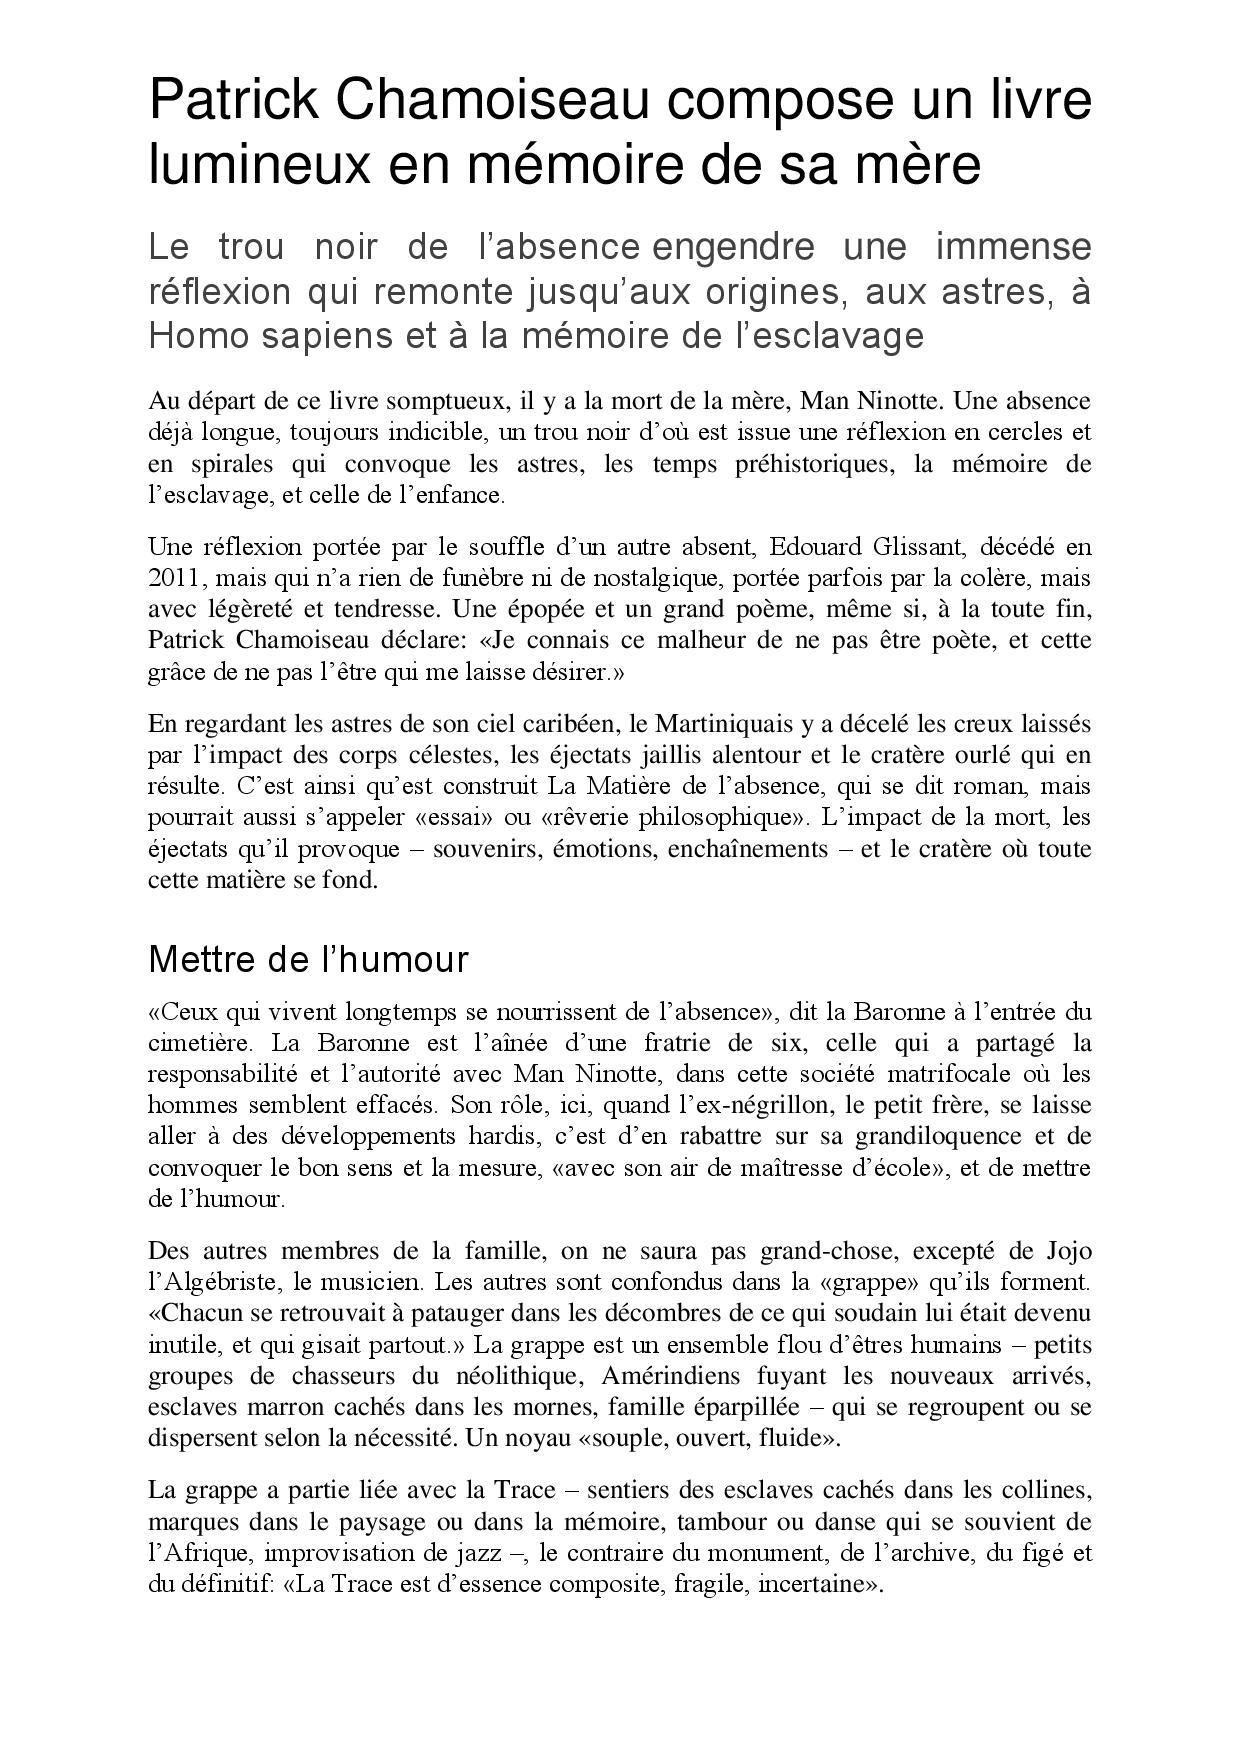 patrick-chamoiseau-compose-page-001